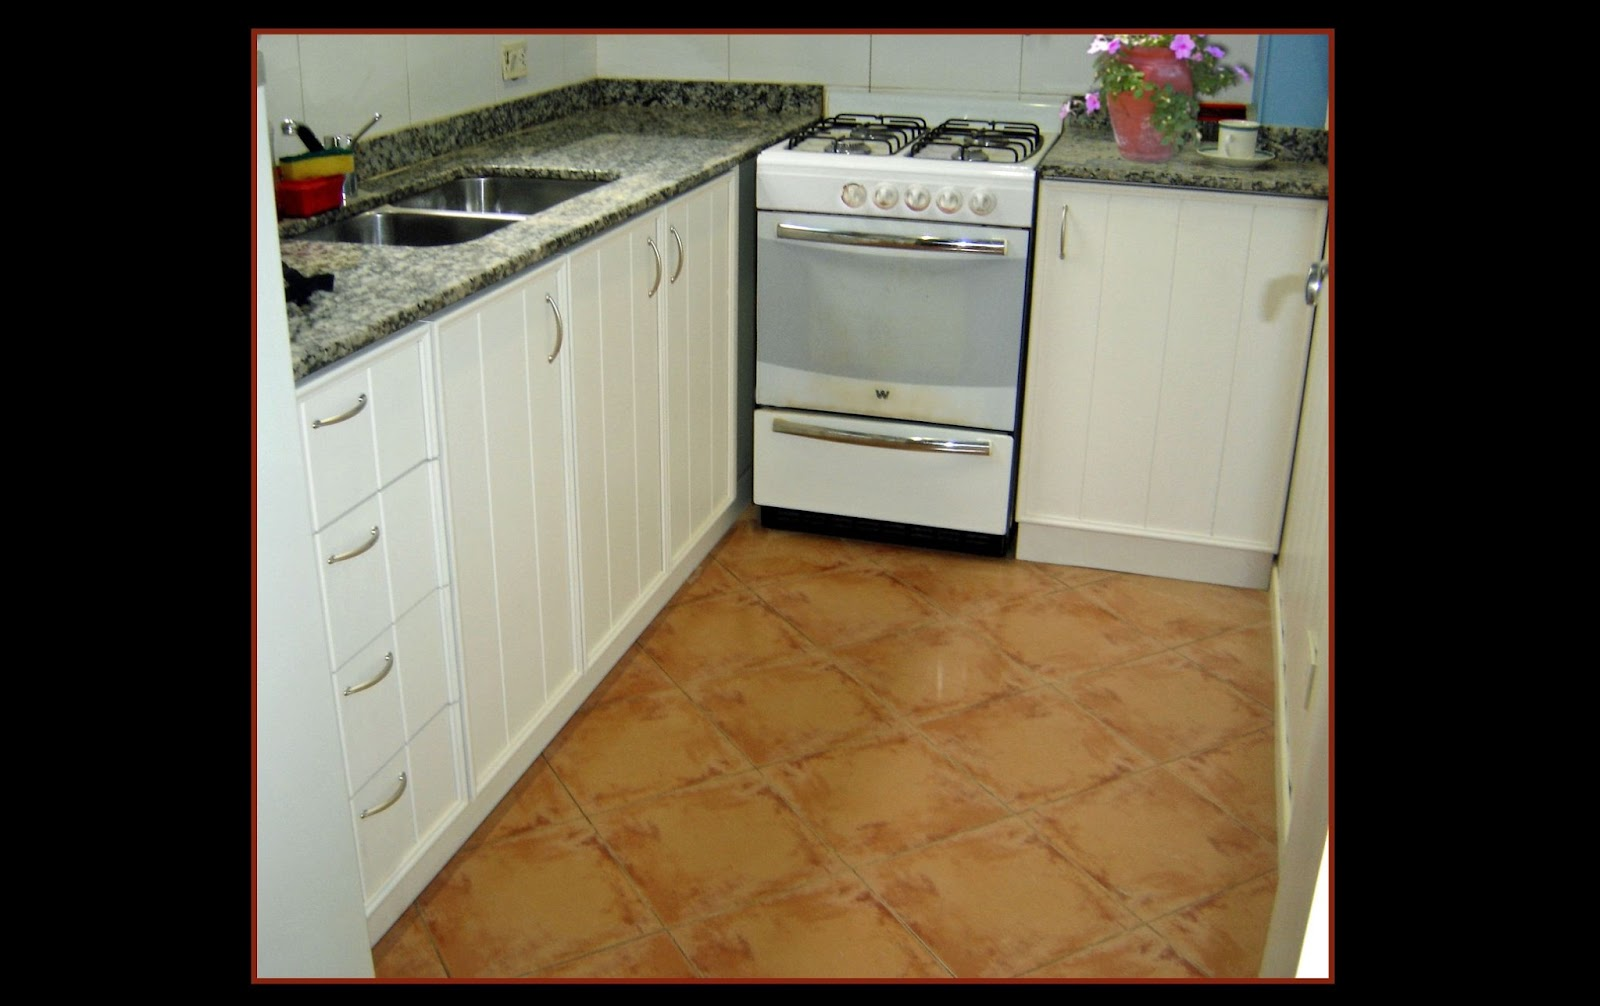 Cocina imitaci n tablas la carpinteria de daniel for Muebles plateros cocina